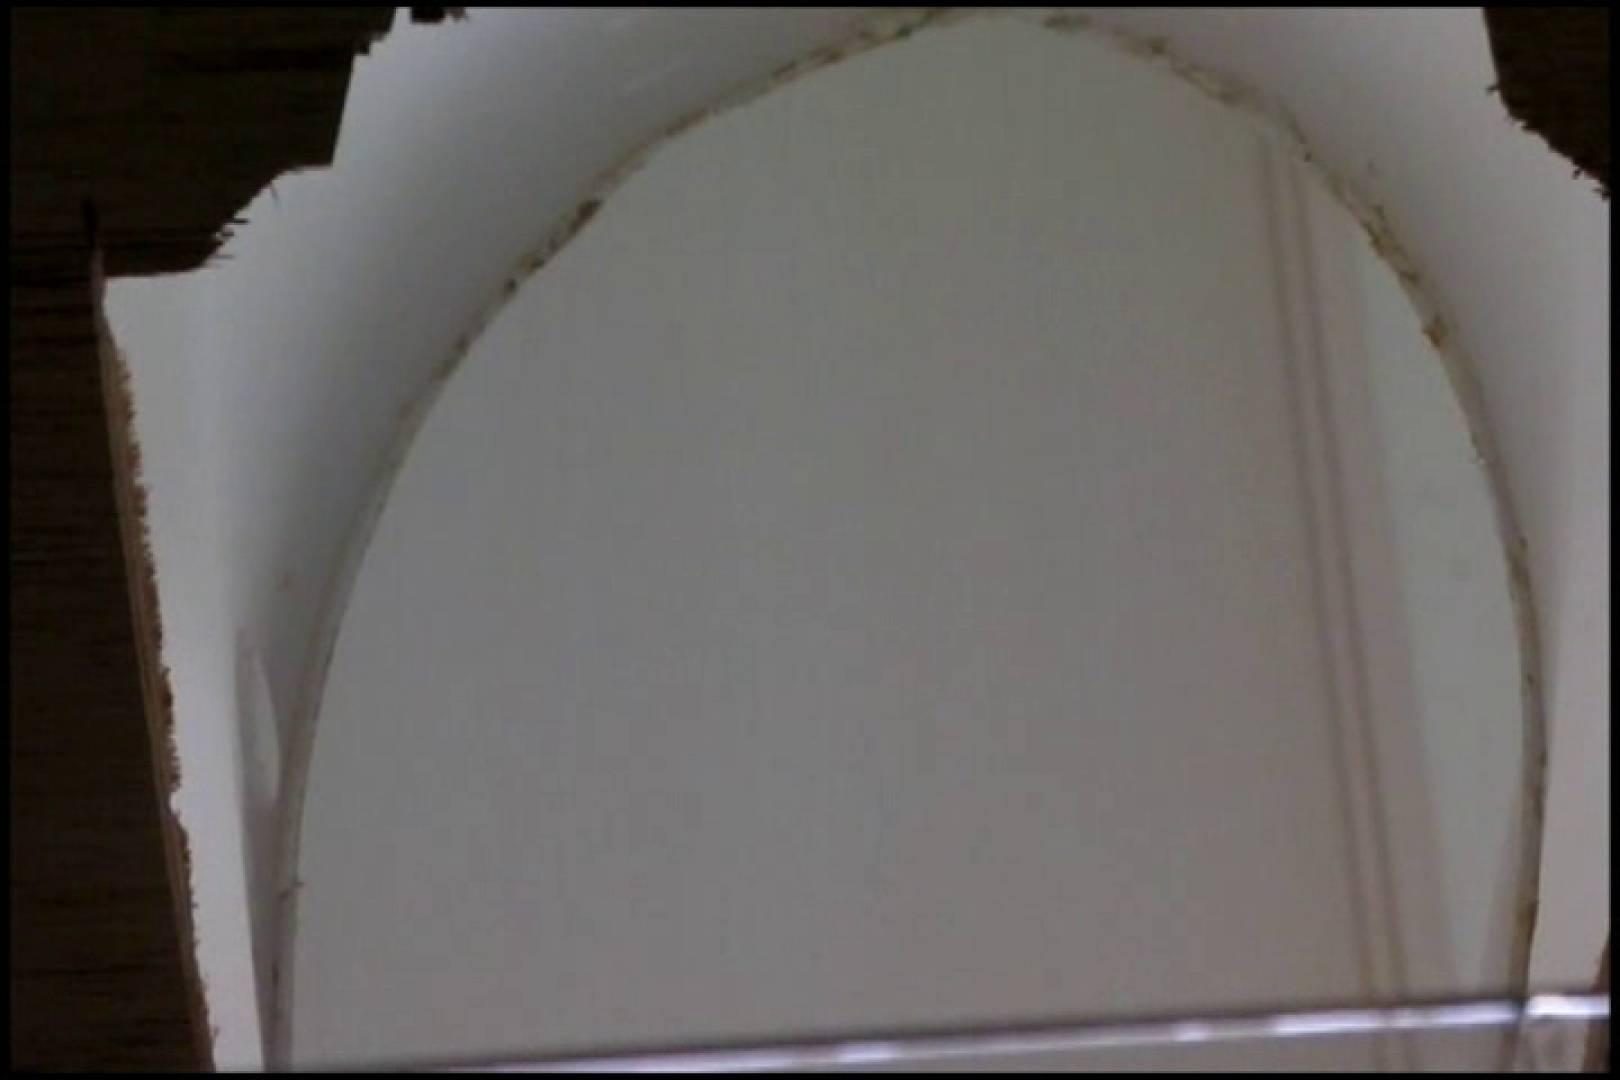 和式にまたがる女たちを待ちうけるカメラの衝撃映像vol.02 OLセックス 盗み撮りAV無料動画キャプチャ 83画像 8